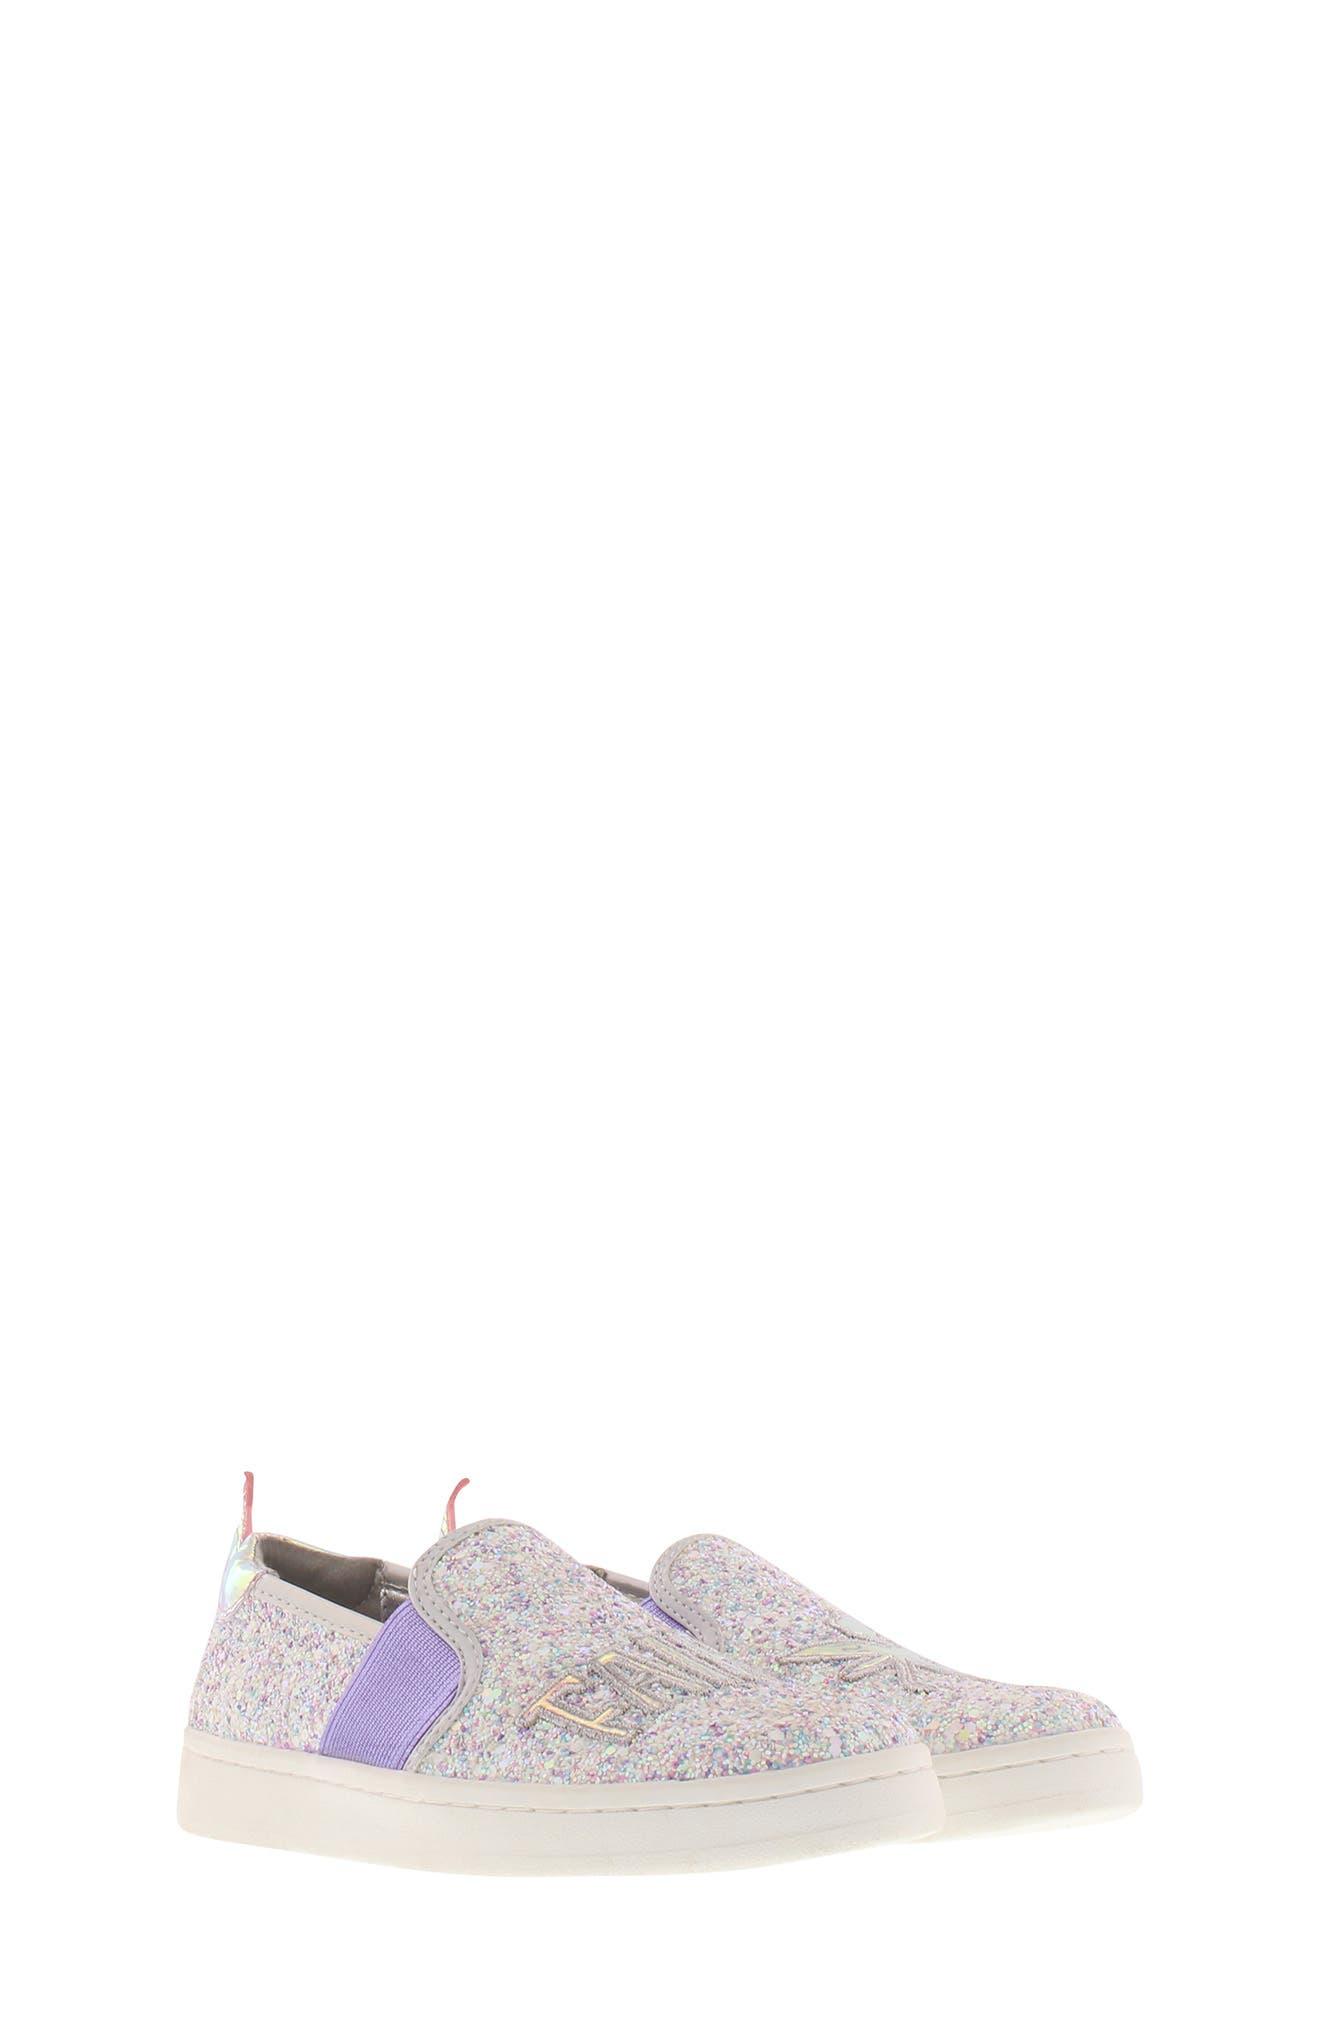 SAM EDELMAN, Blake Lina Fairy Glitter Slip-On Sneaker, Alternate thumbnail 9, color, PINK/ PURPLE